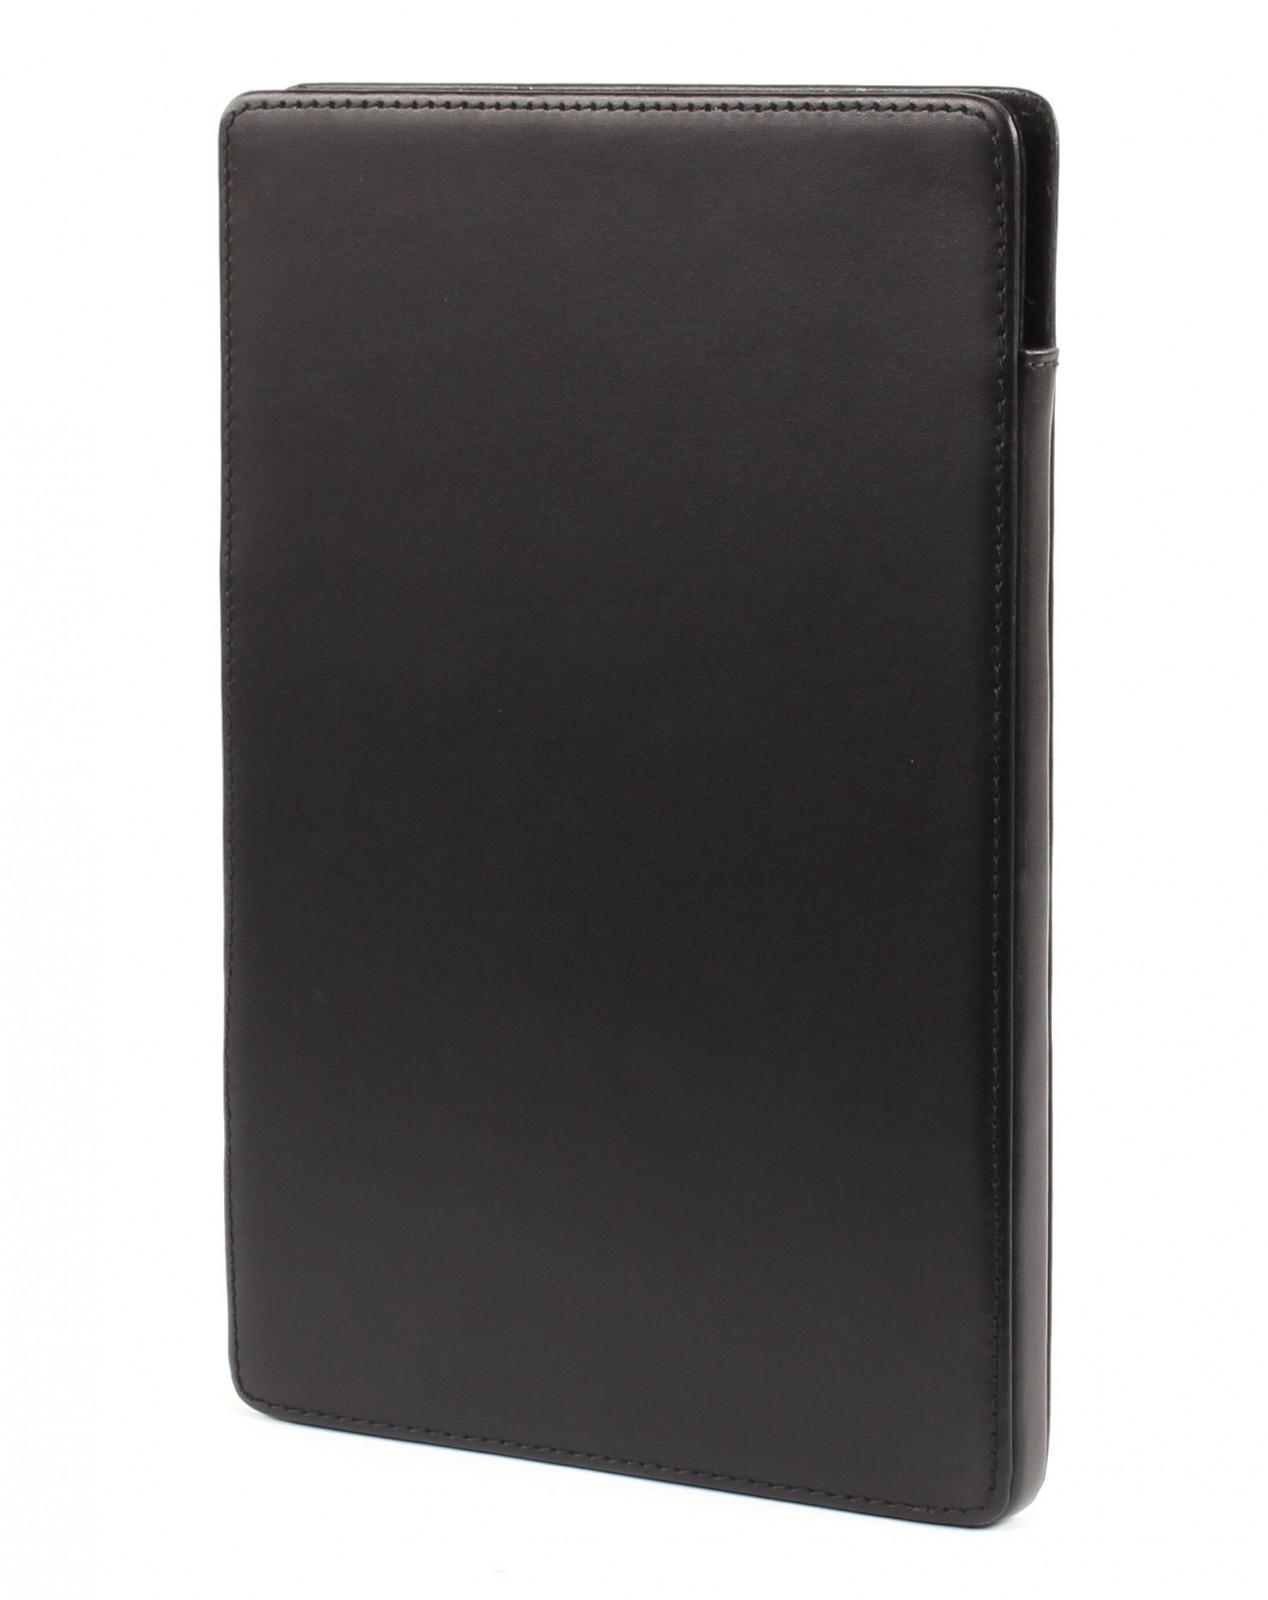 PORSCHE DESIGN Classic Line 2.1 Case for iPad Mini 2 Black